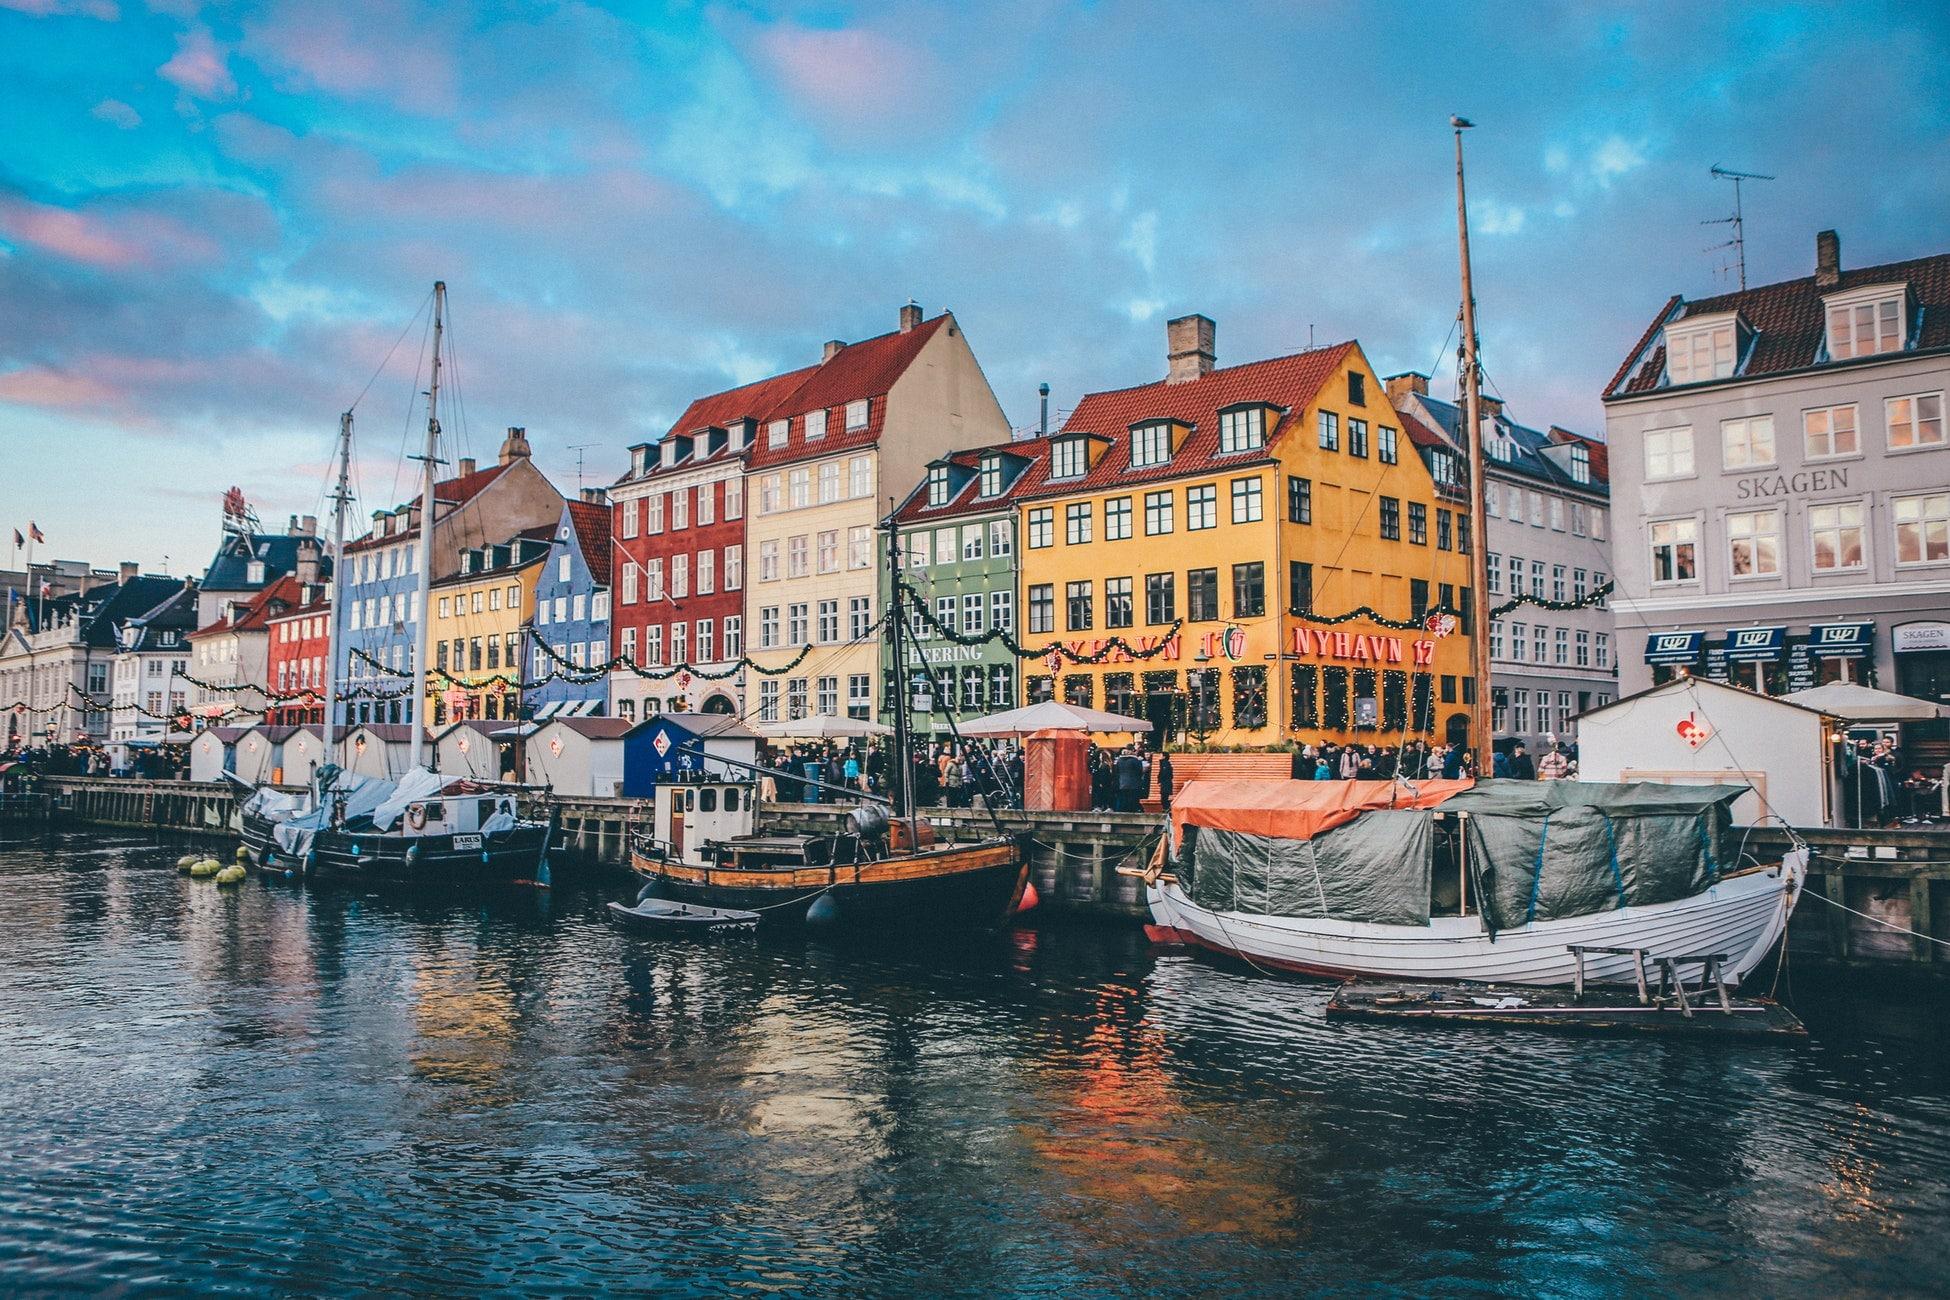 Billets d'avion A/R vers Copenhague dès 40€/personne